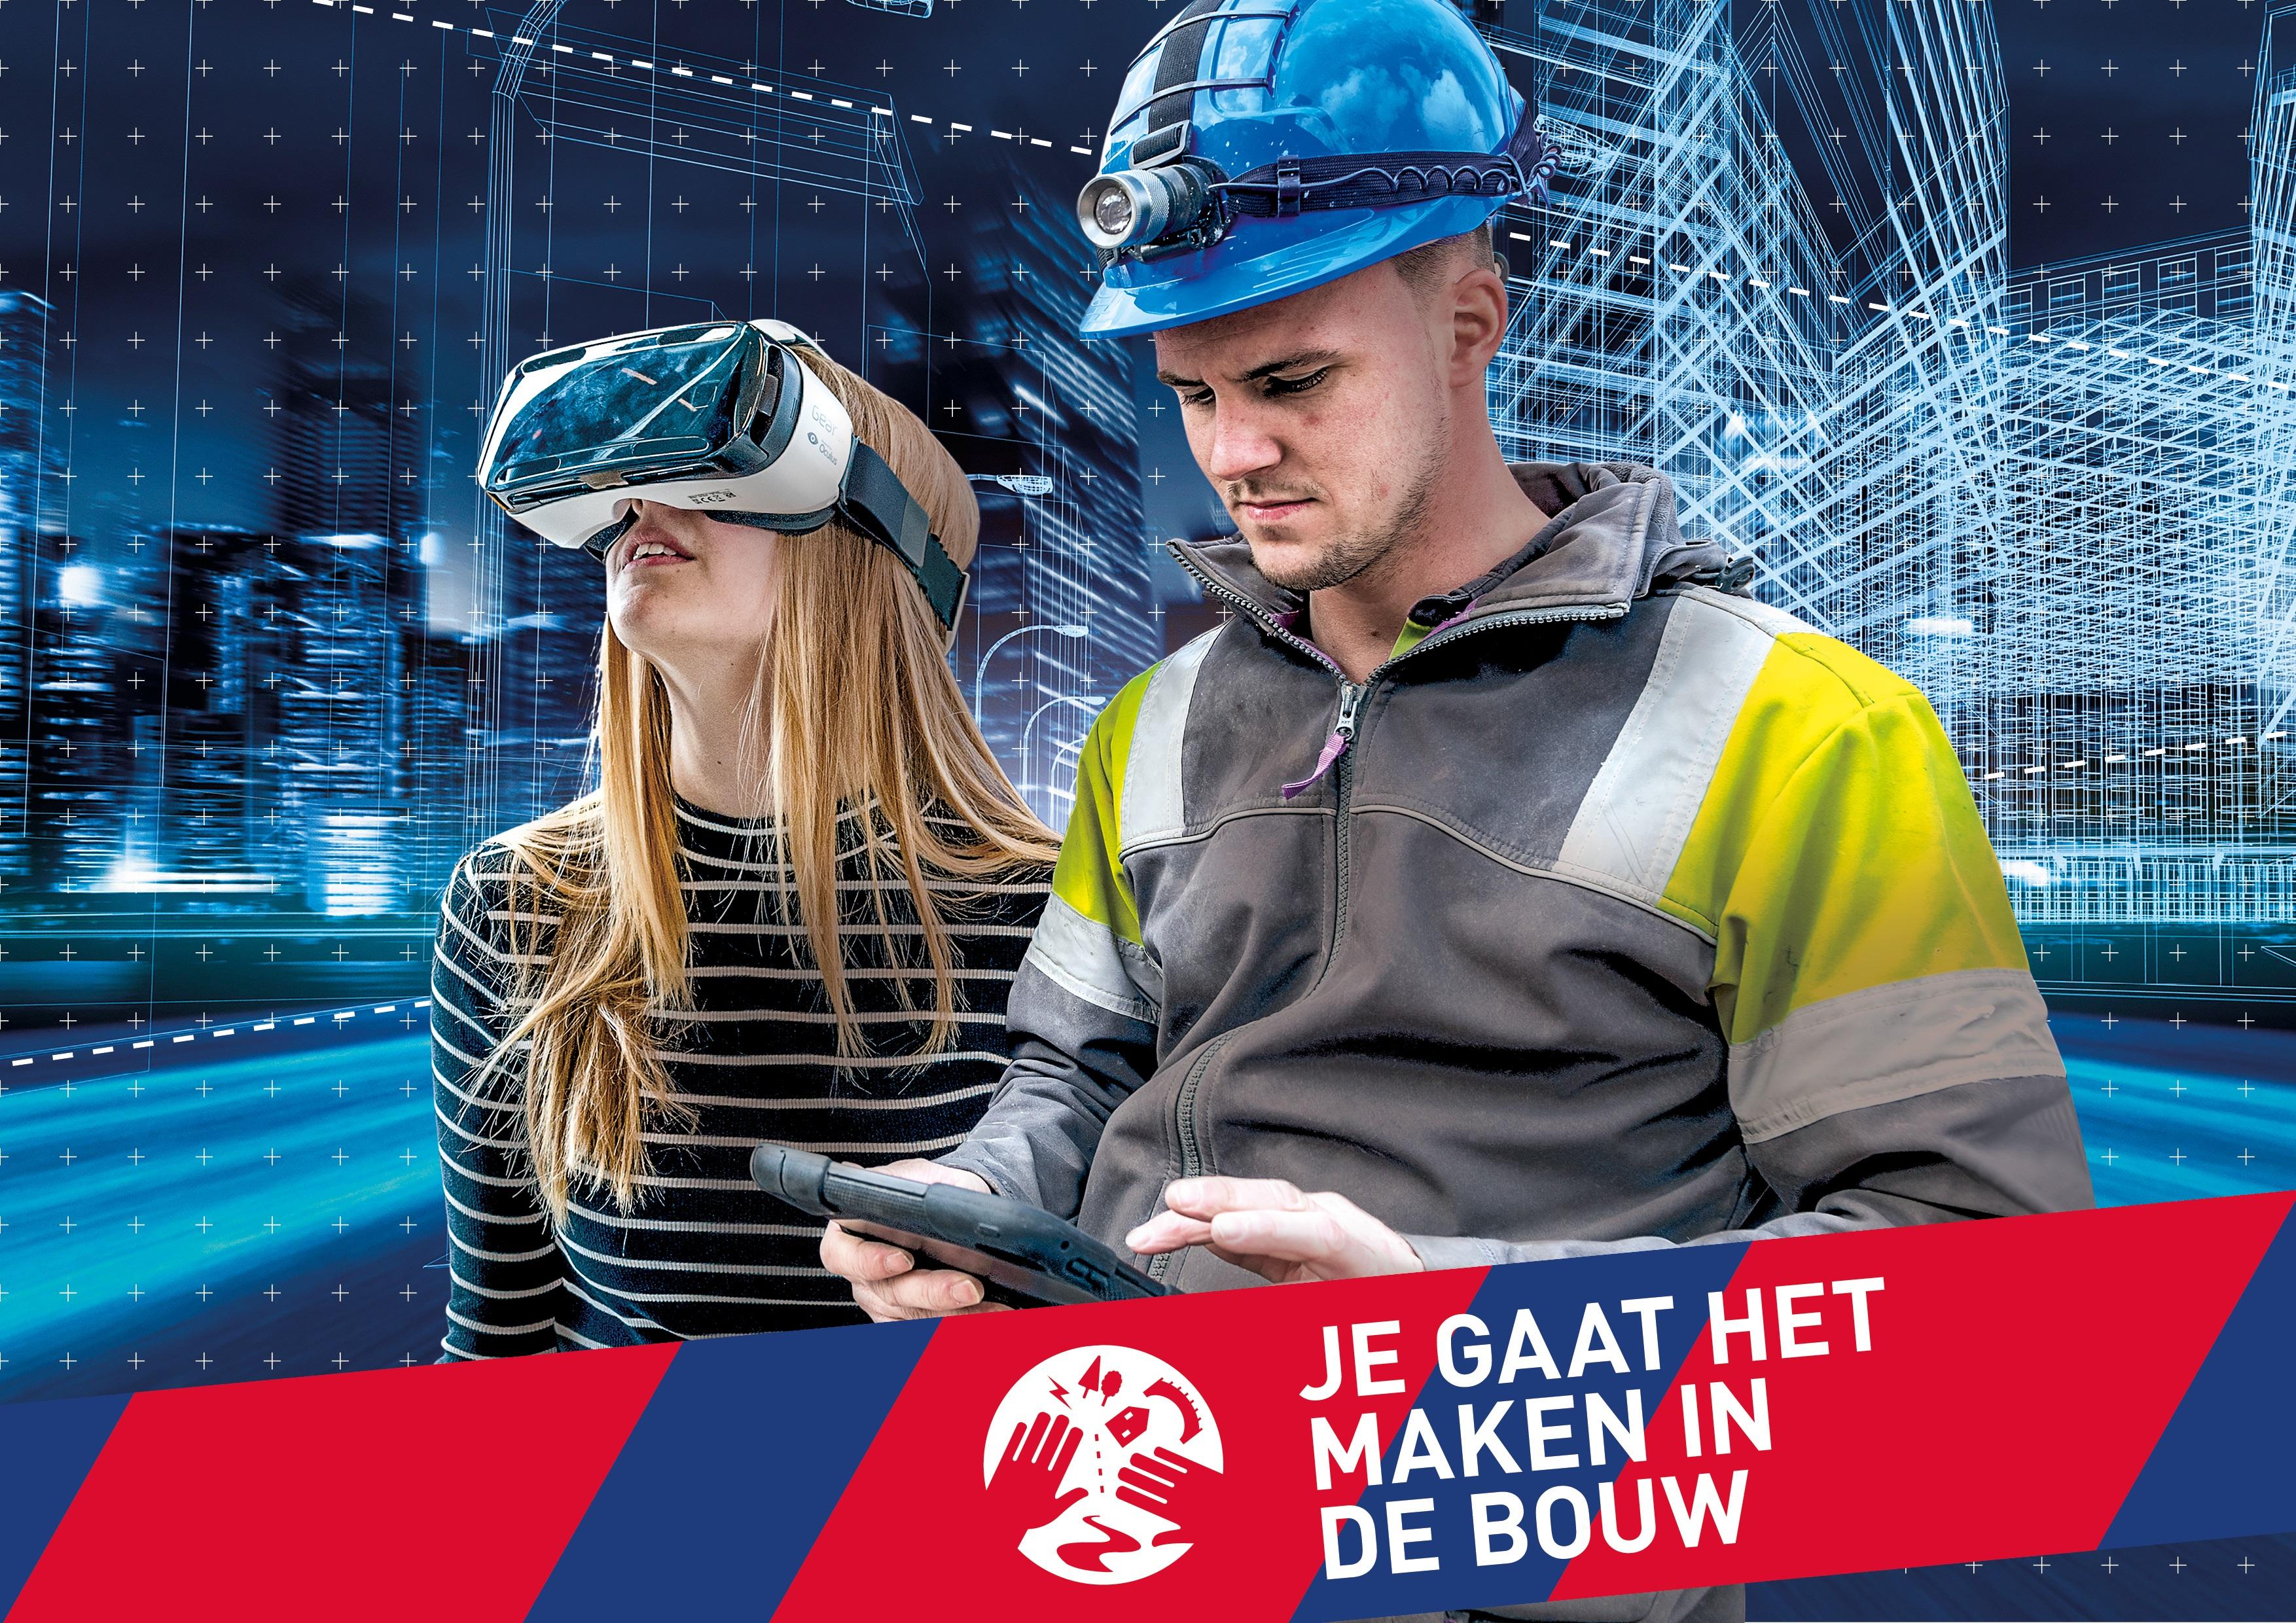 Wil jij meehelpen Nederland en de rest van de wereld mooier en beter te maken? Dan is een studie in de bouw echt iets voor jou